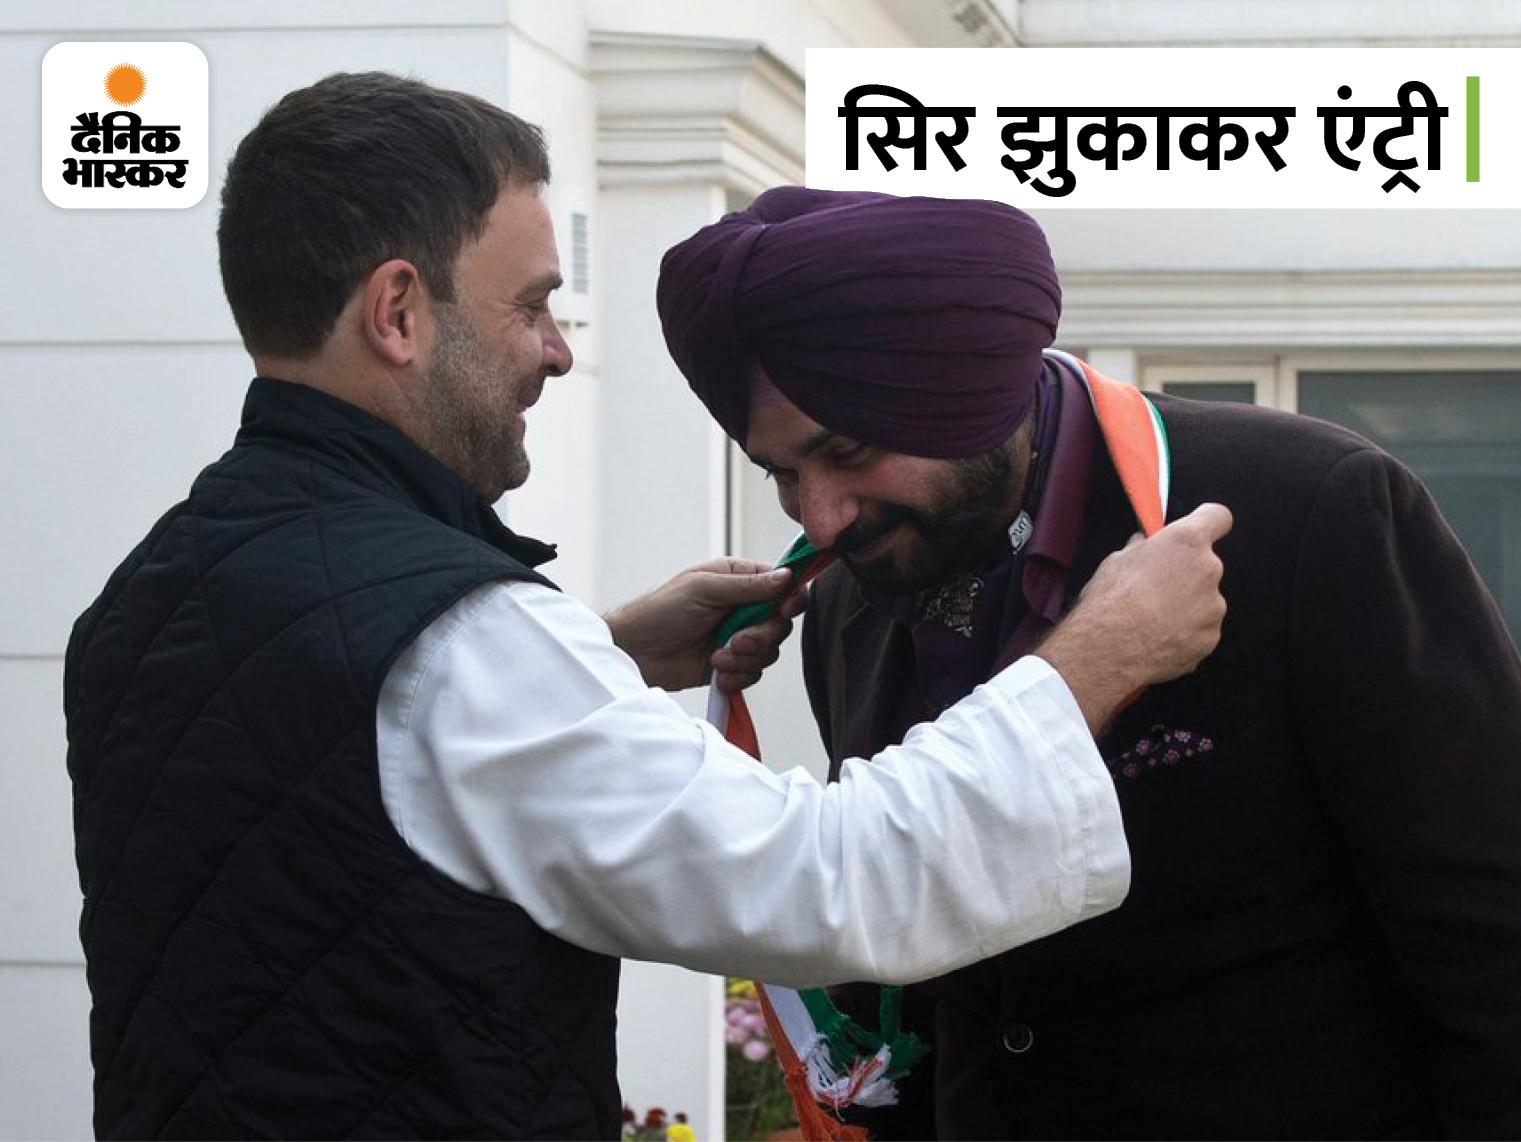 15 जनवरी 2017- नवजोत सिंह सिद्धू ने कांग्रेस जॉइन की और राहुल के साथ फोटो पोस्ट की। इसमें राहुल गांधी उन्हें माला पहना रहे थे।